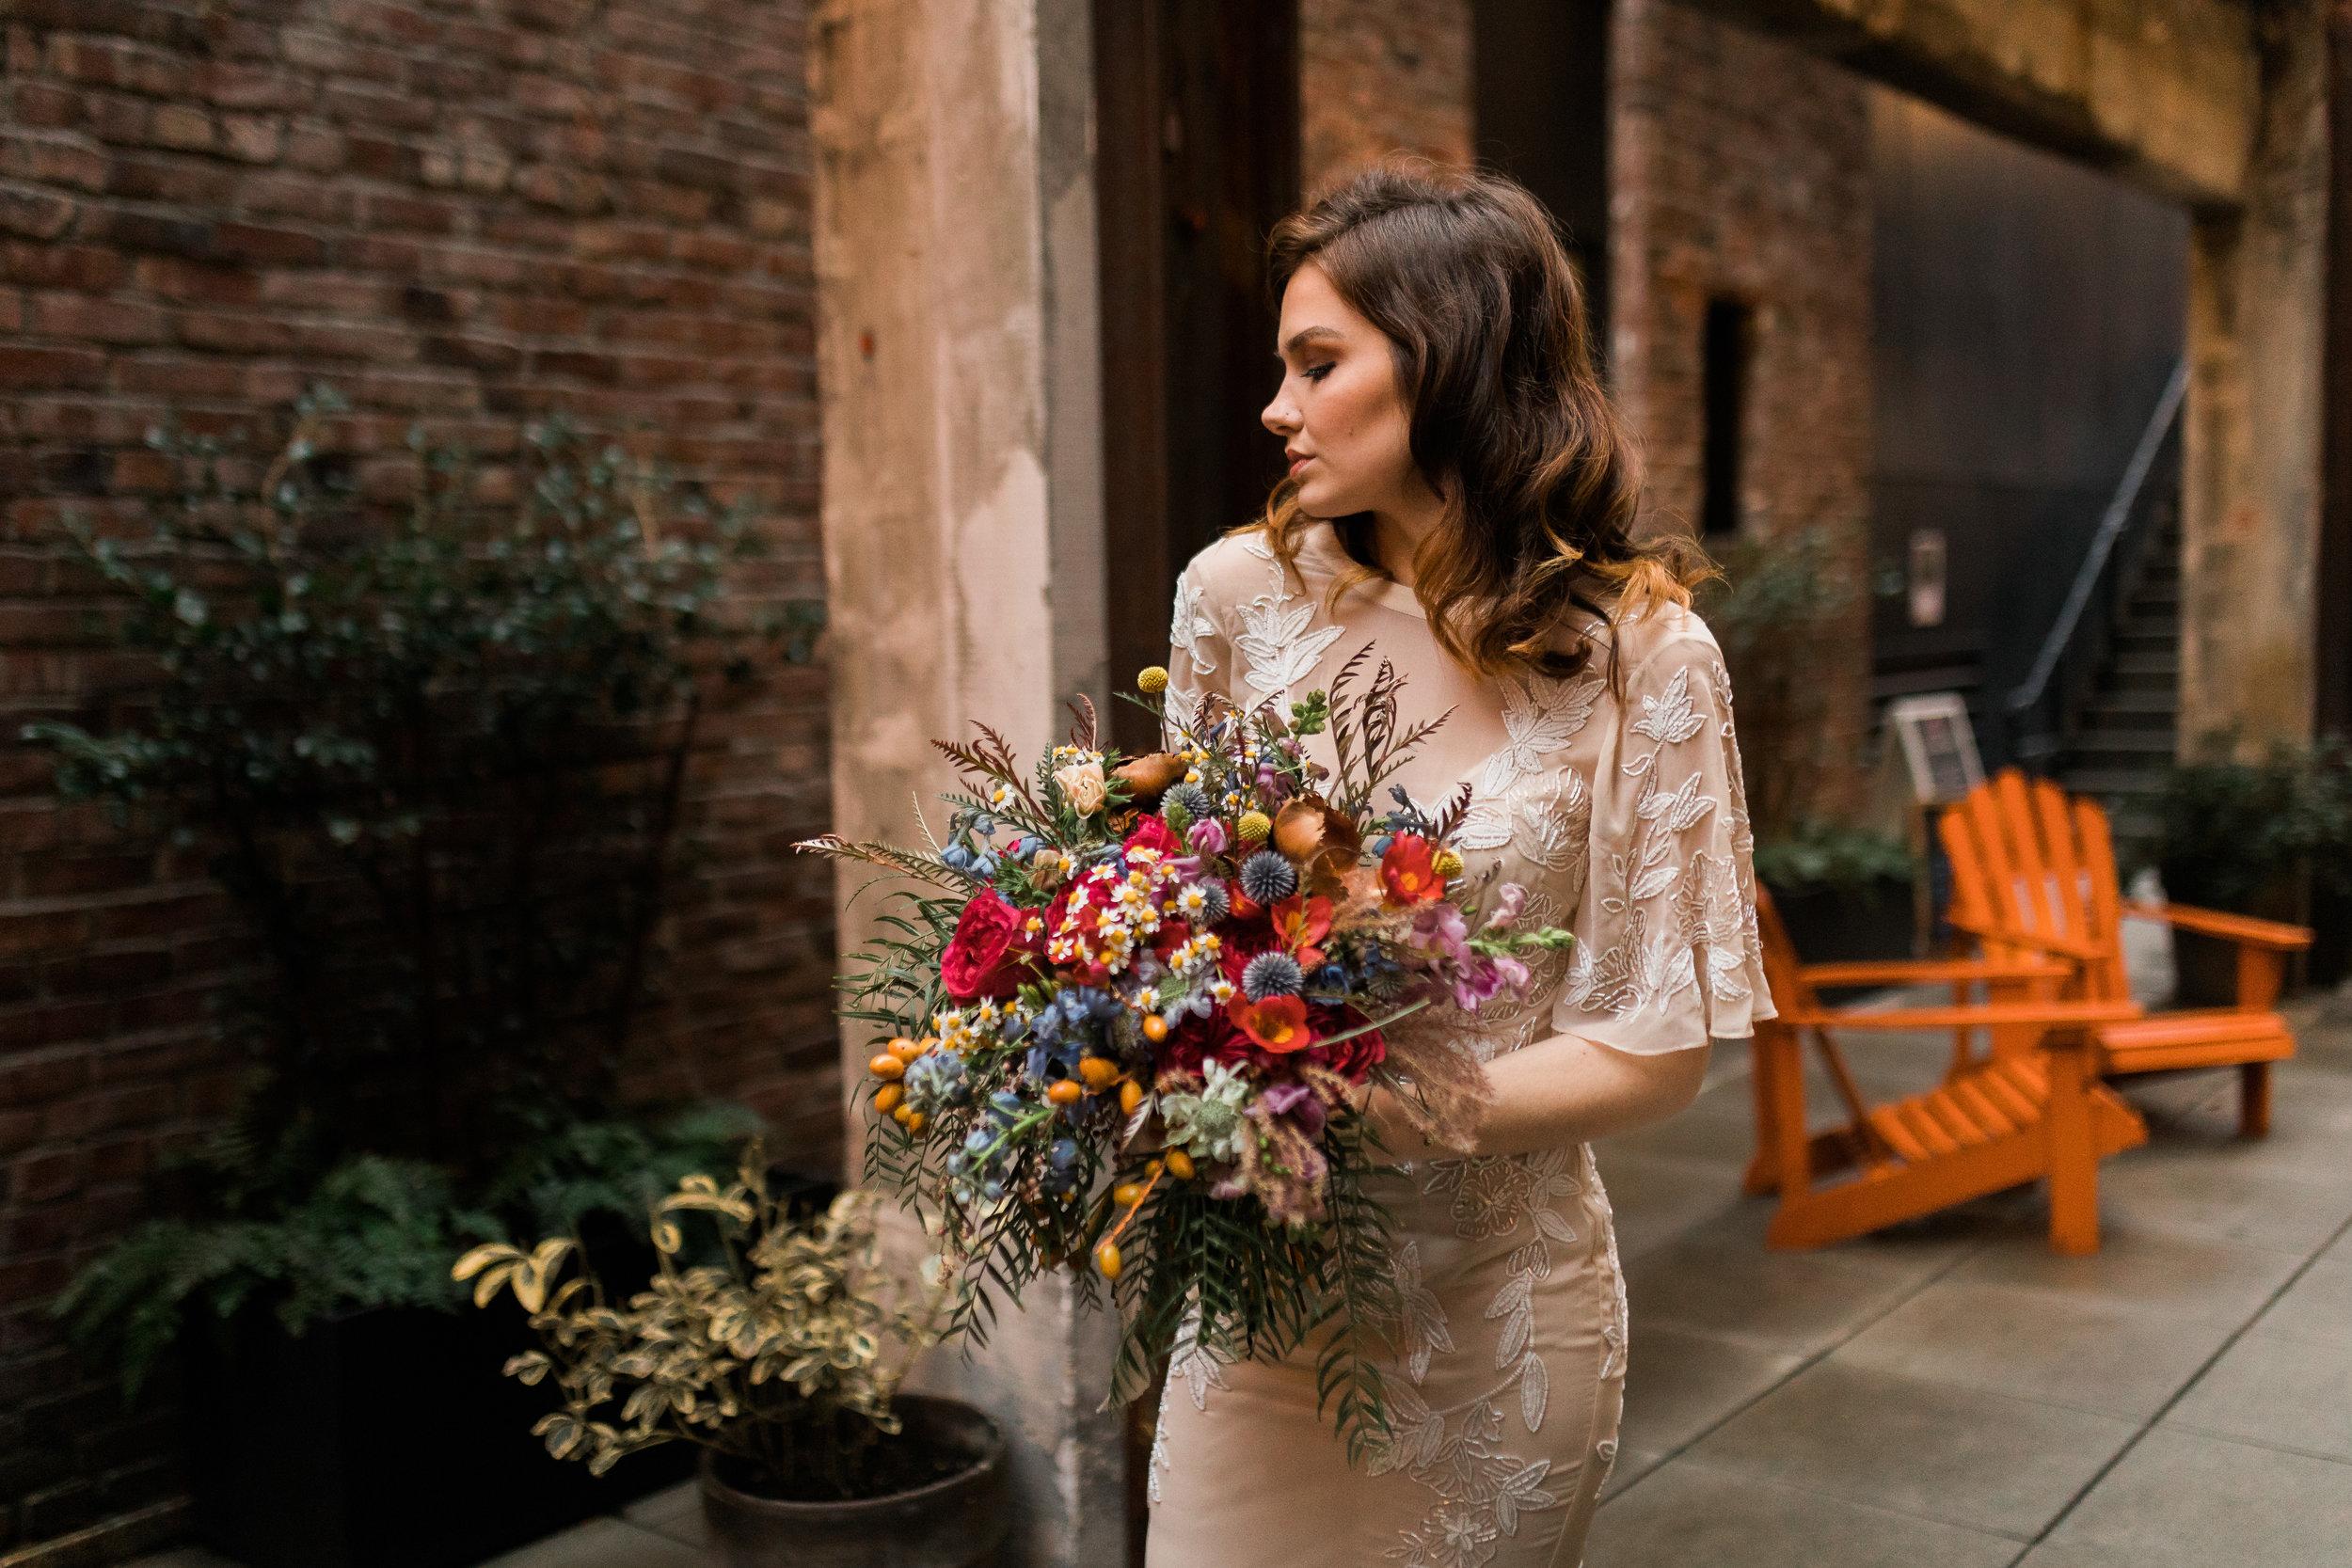 Styled-Bridal-Session-Seattle-Washington-Tara-Nichole-Photo-4.jpg